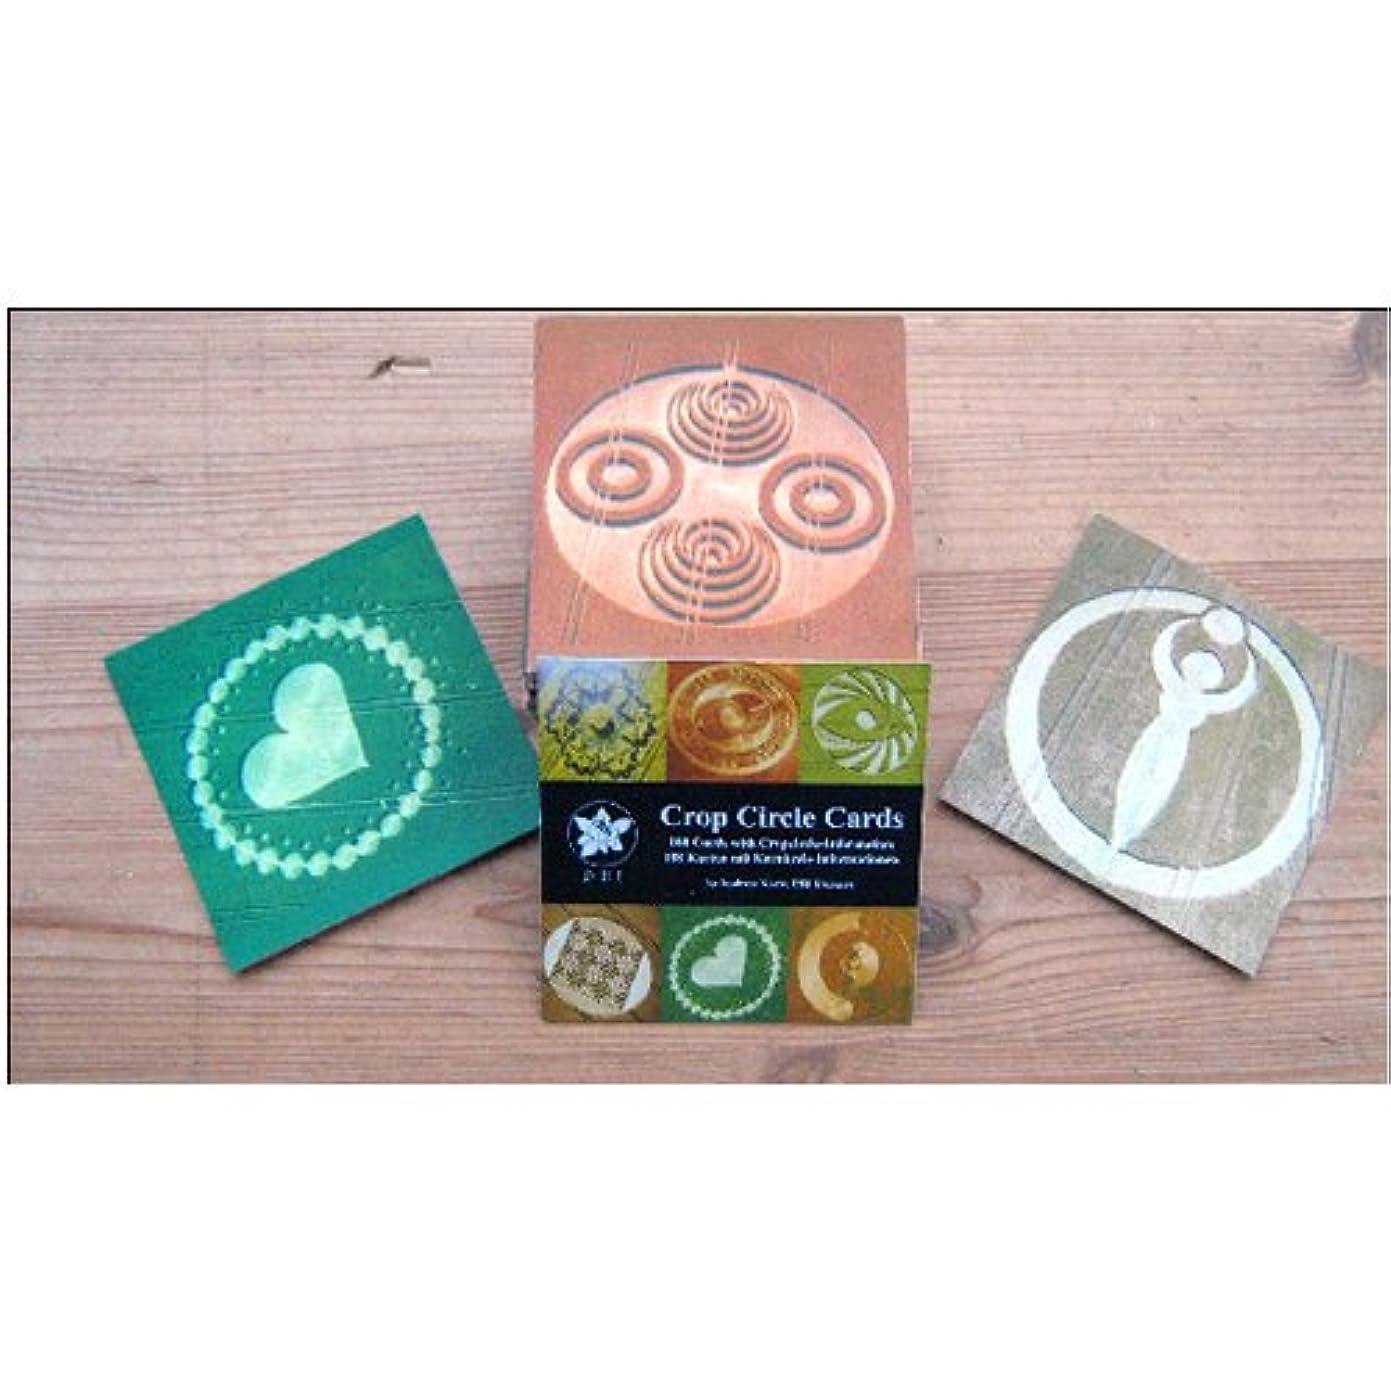 コントロール紀元前打ち上げるコルテ PHIエッセンス クロップサークル カード(全108枚) (PHI Essences) 日本国内正規品